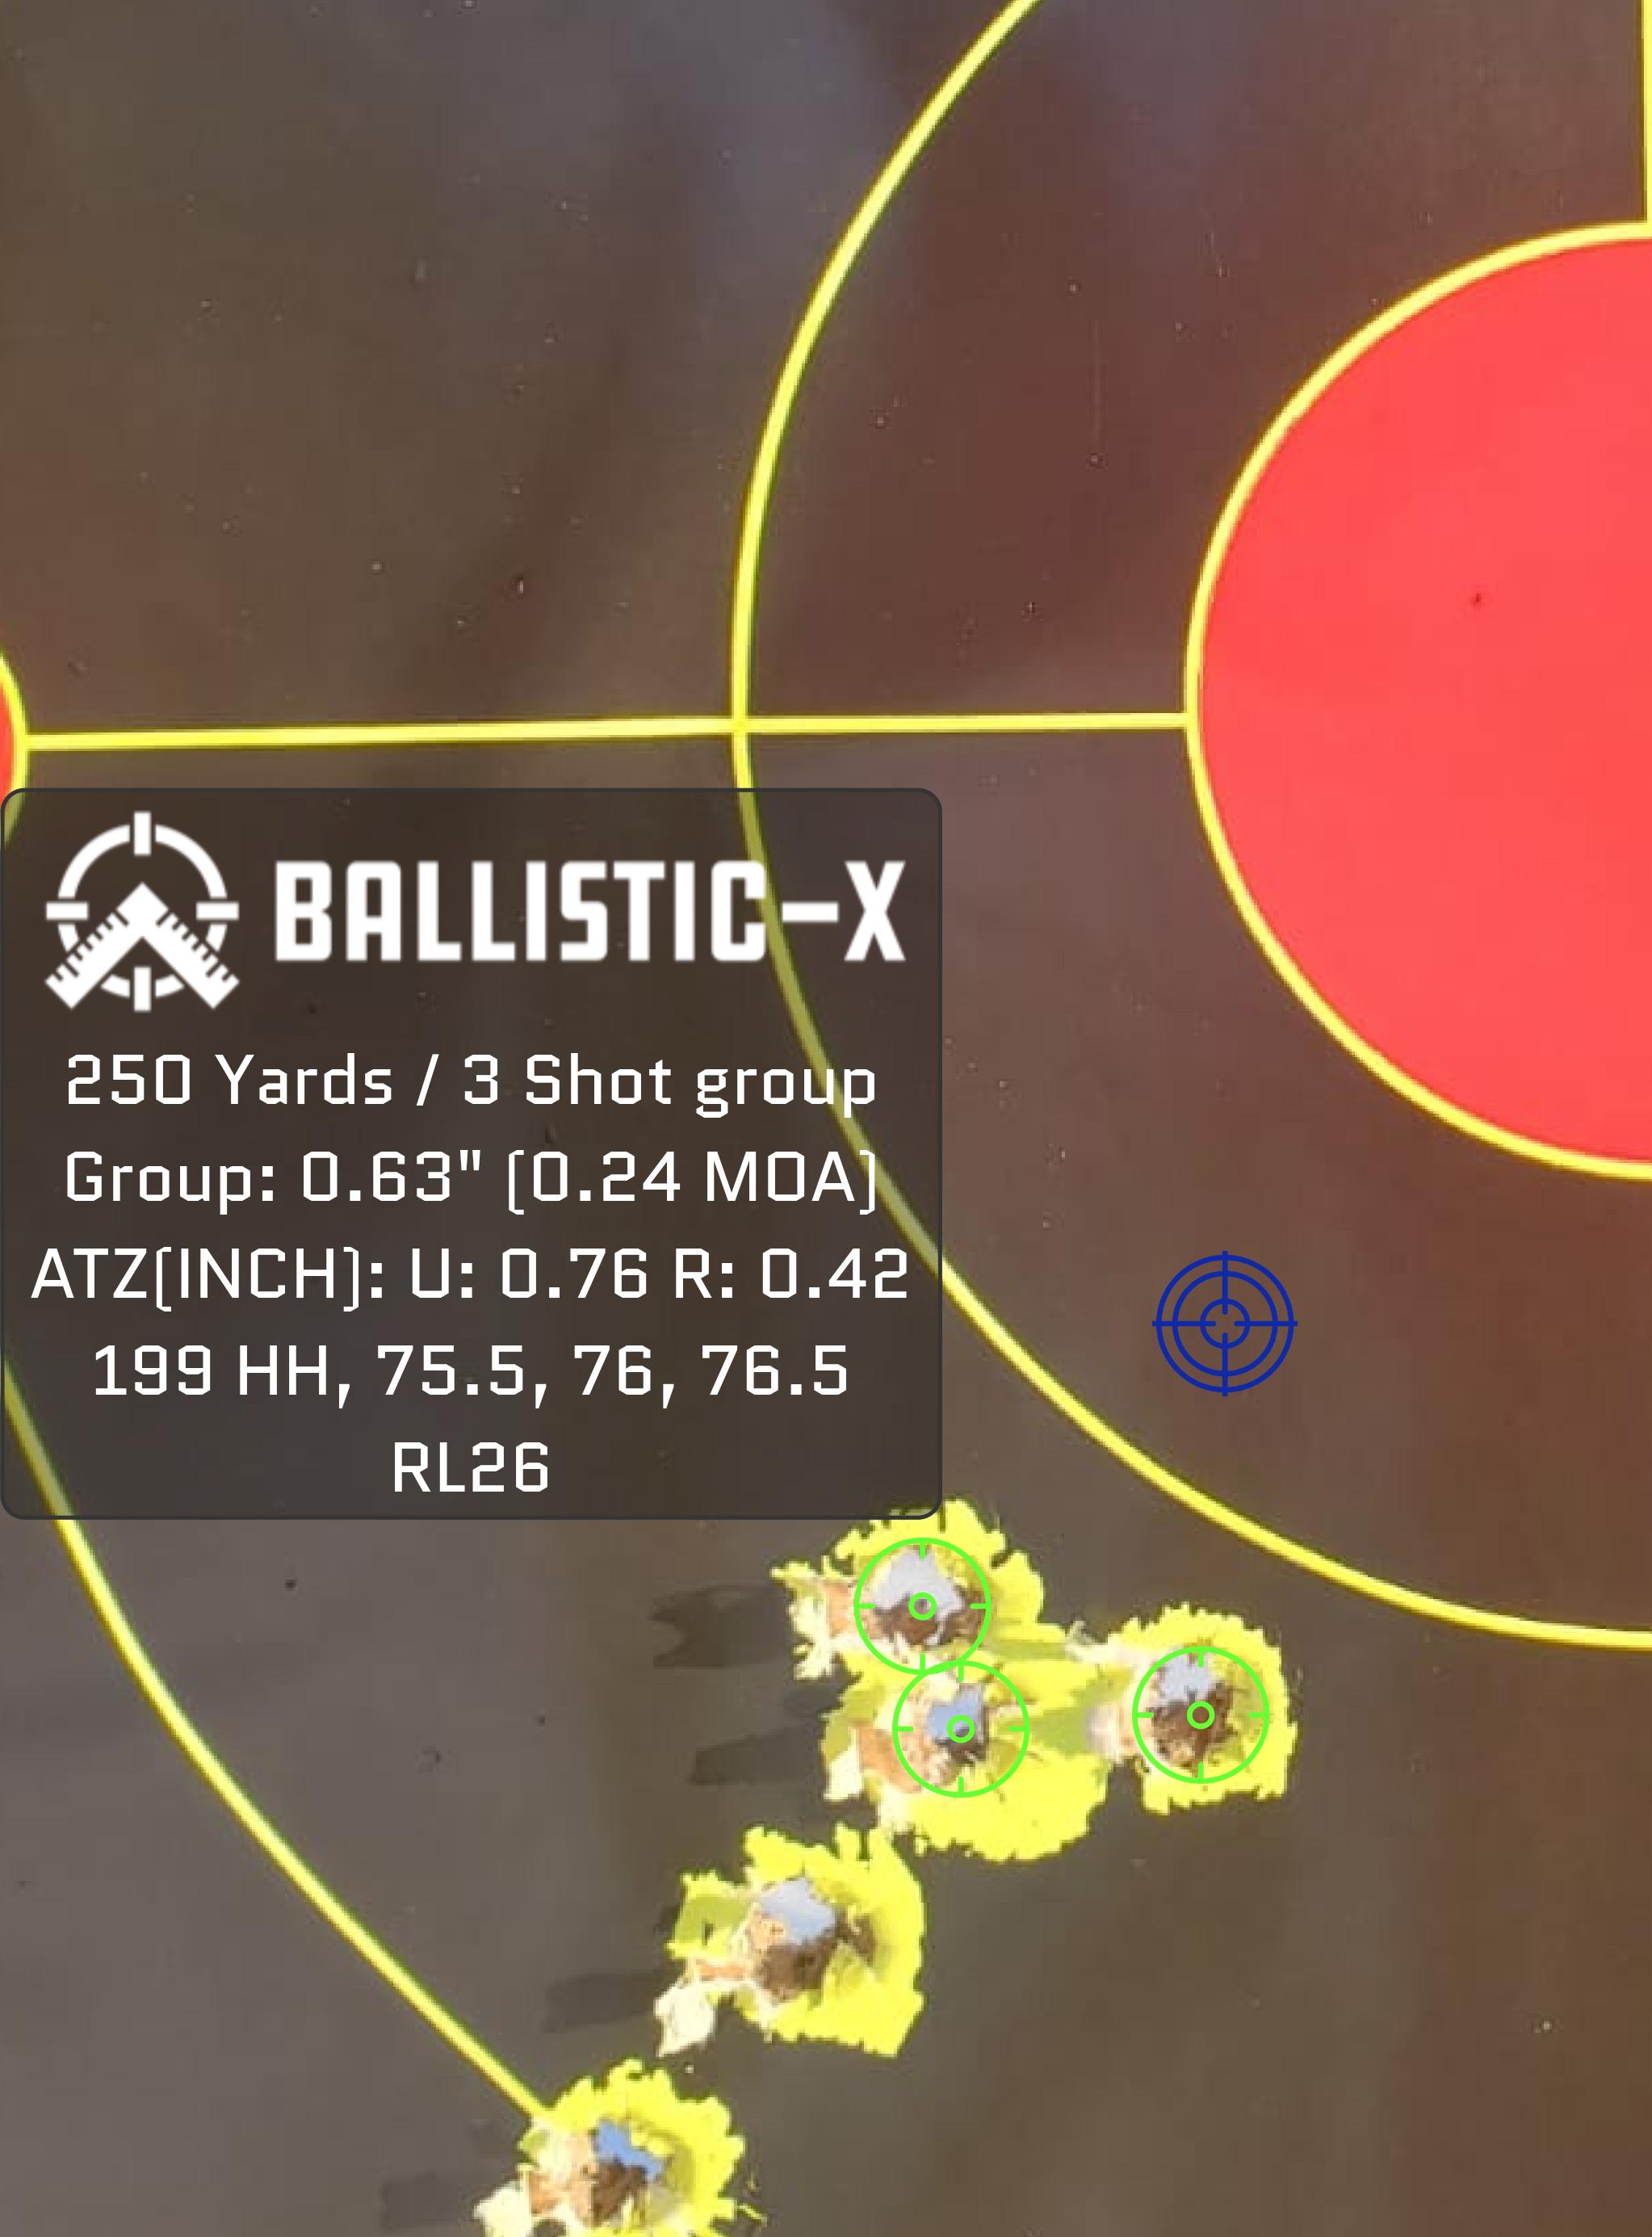 Ballistic-X-Export-2021-01-26 17:05:27.979900.png